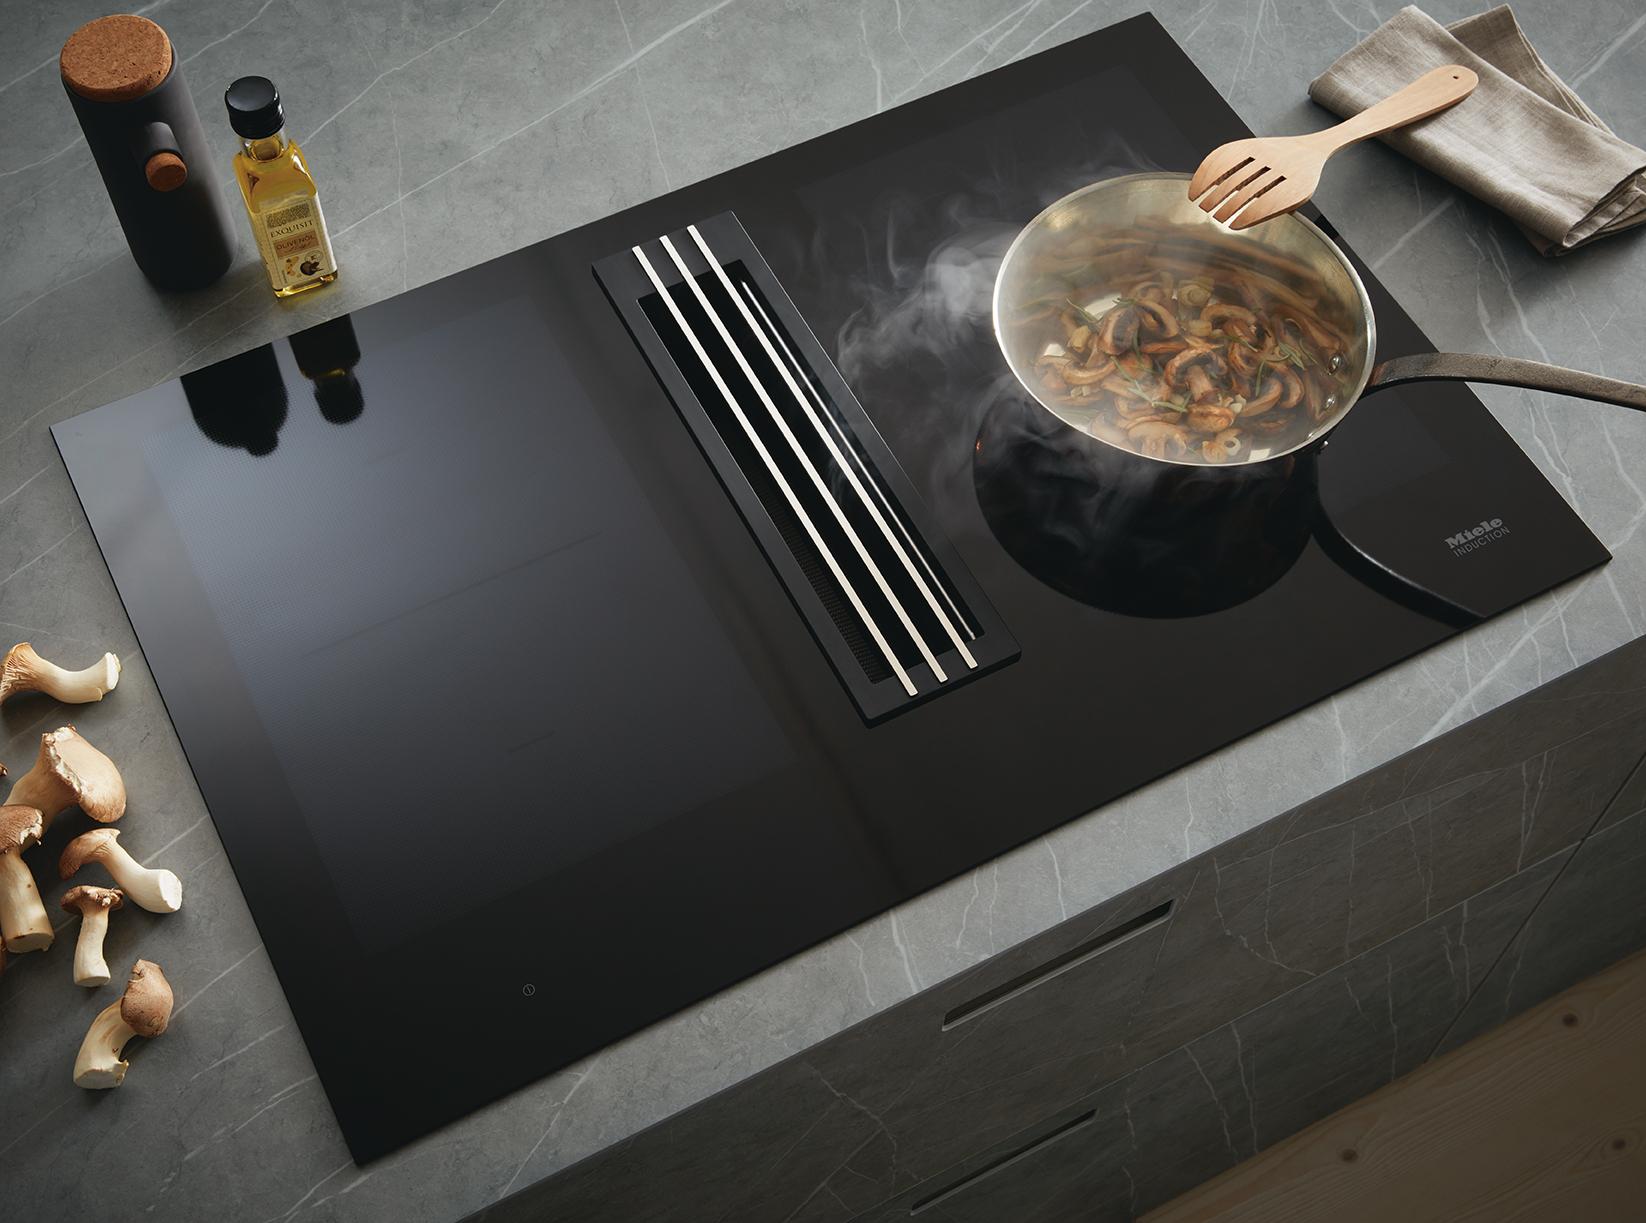 Système d'aspiration Miele cuisine Next 125 posée par Intérieur Littoz cuisiniste annecy